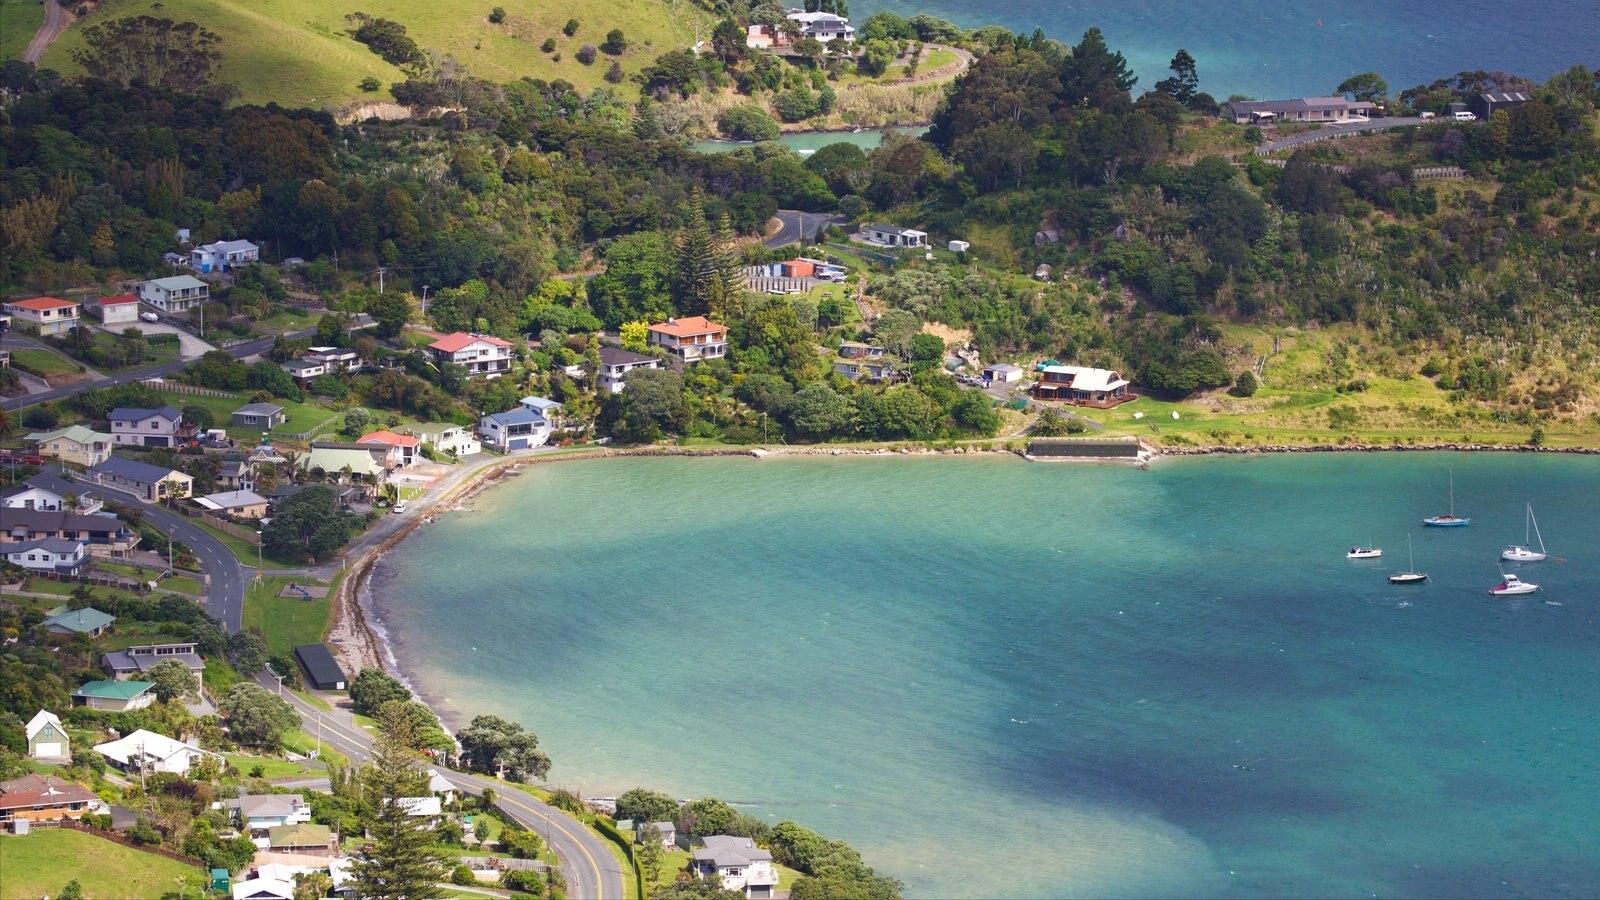 Mount Manaia mostrando una bahía o puerto y una ciudad costera